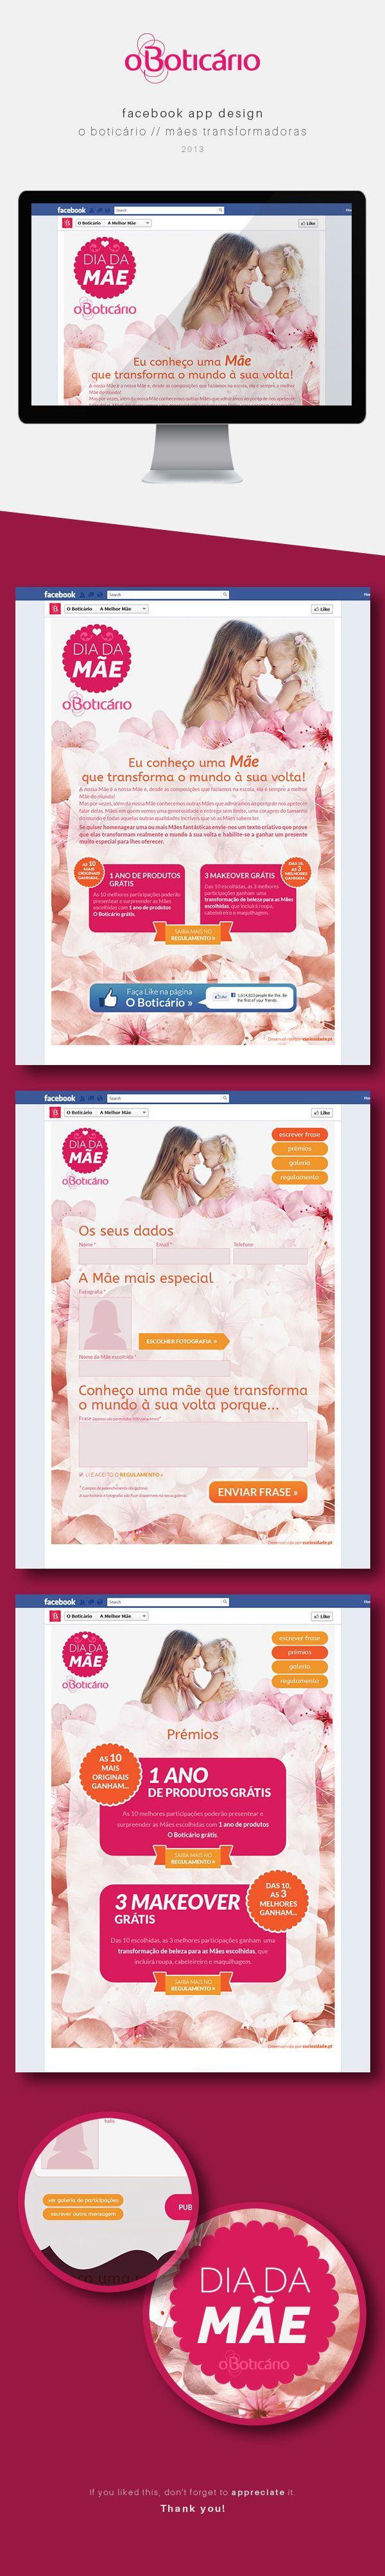 Facebook App O Boticário Dia da Mãe by Andrea Sousa, via Behance #webdesign #facebookapp #beauty